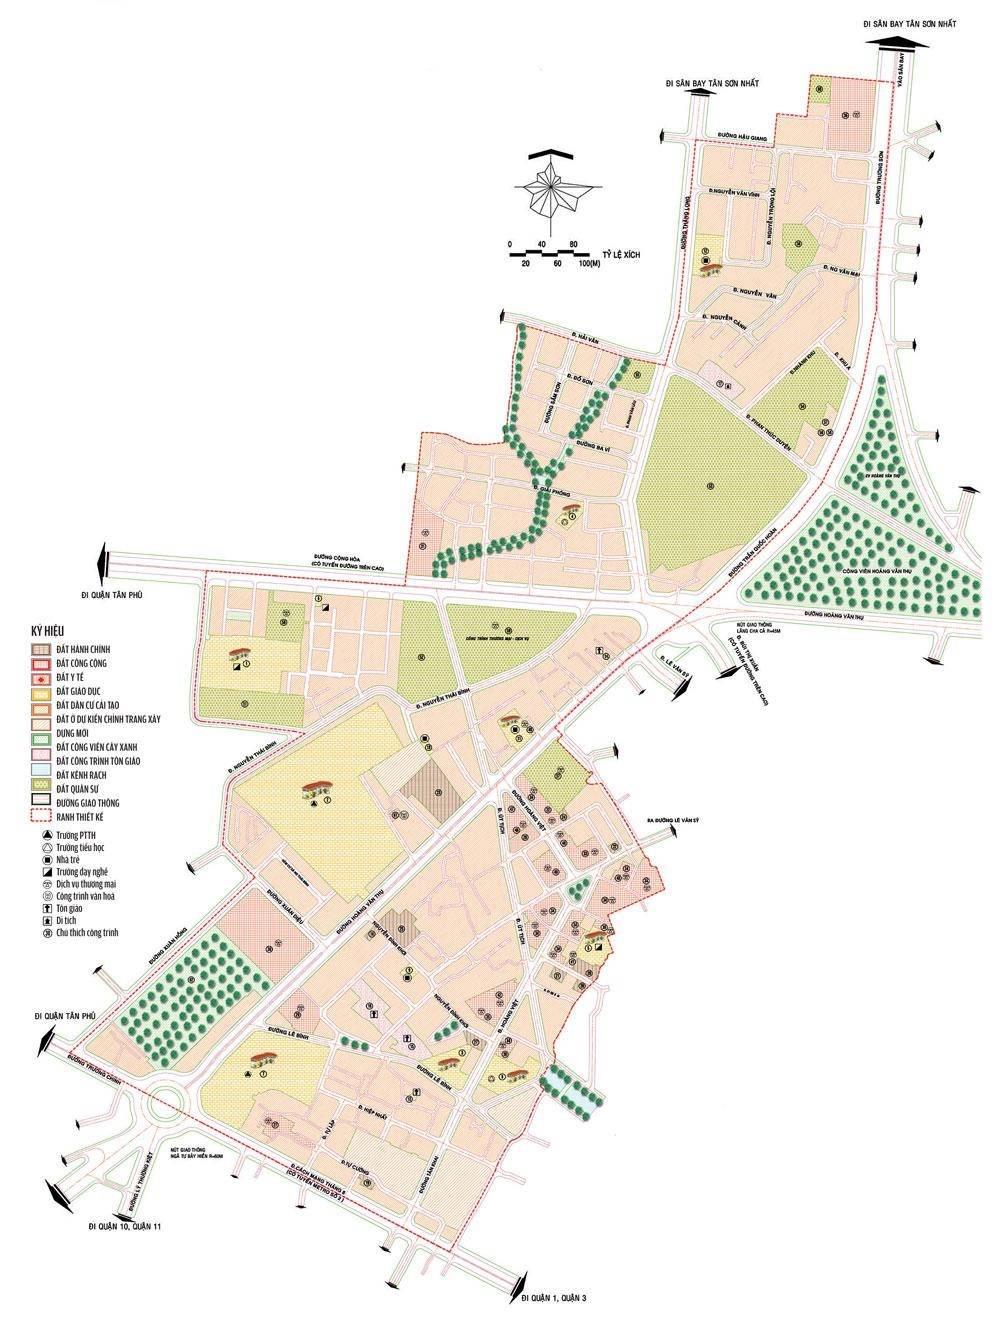 Bản đồ quy hoạch phường 4 quận Tân Bình cập nhật năm 2021 - Yeshouse